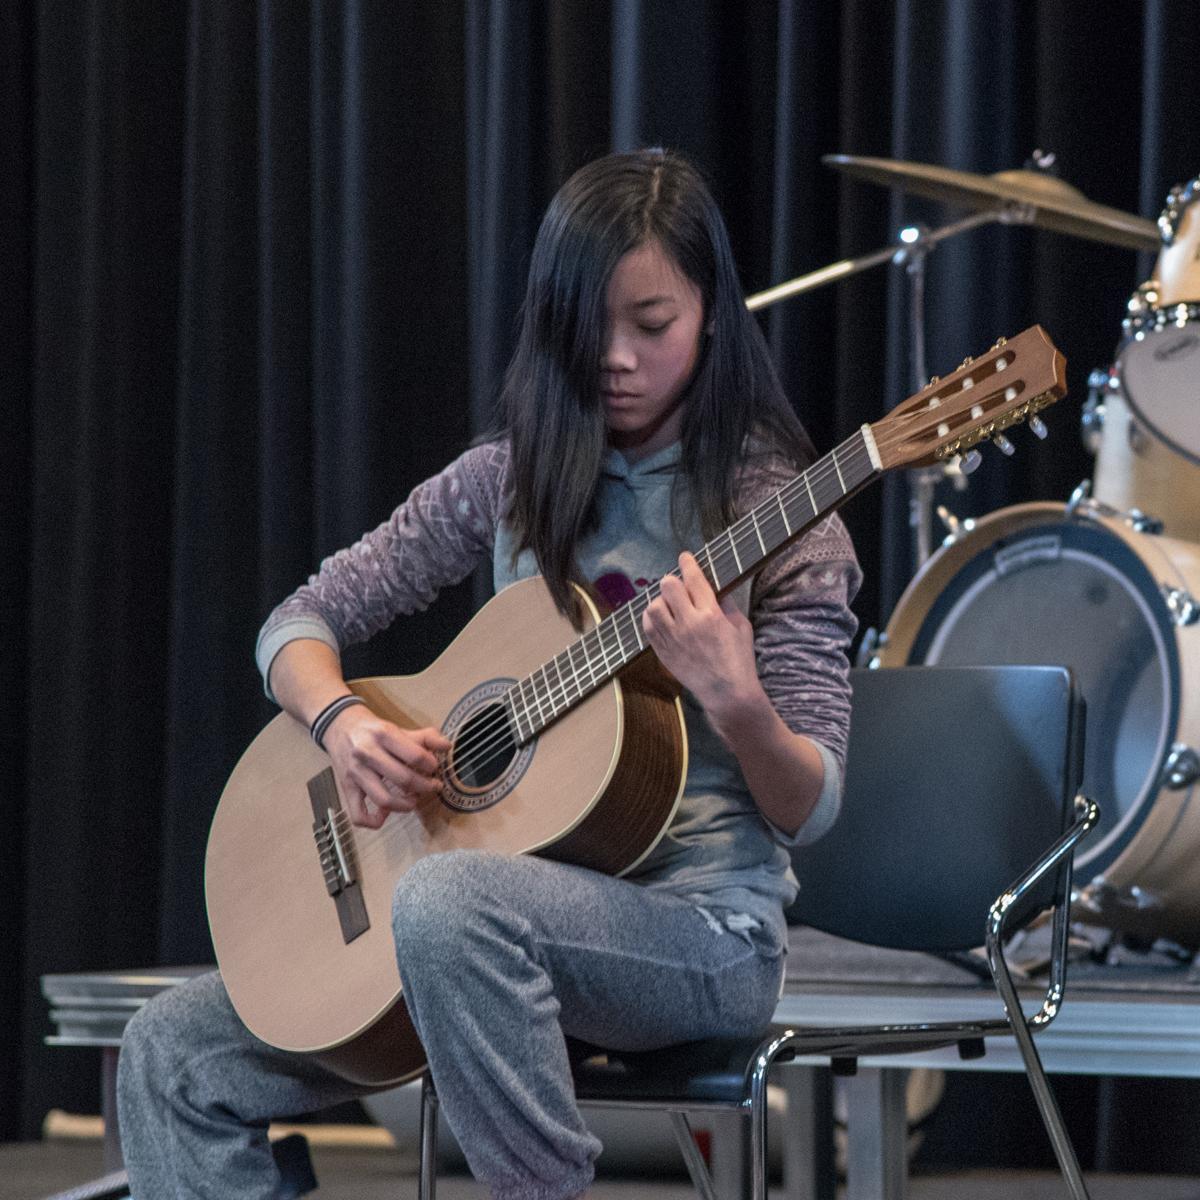 Helen plays guitar on stage, Oakville Ontario